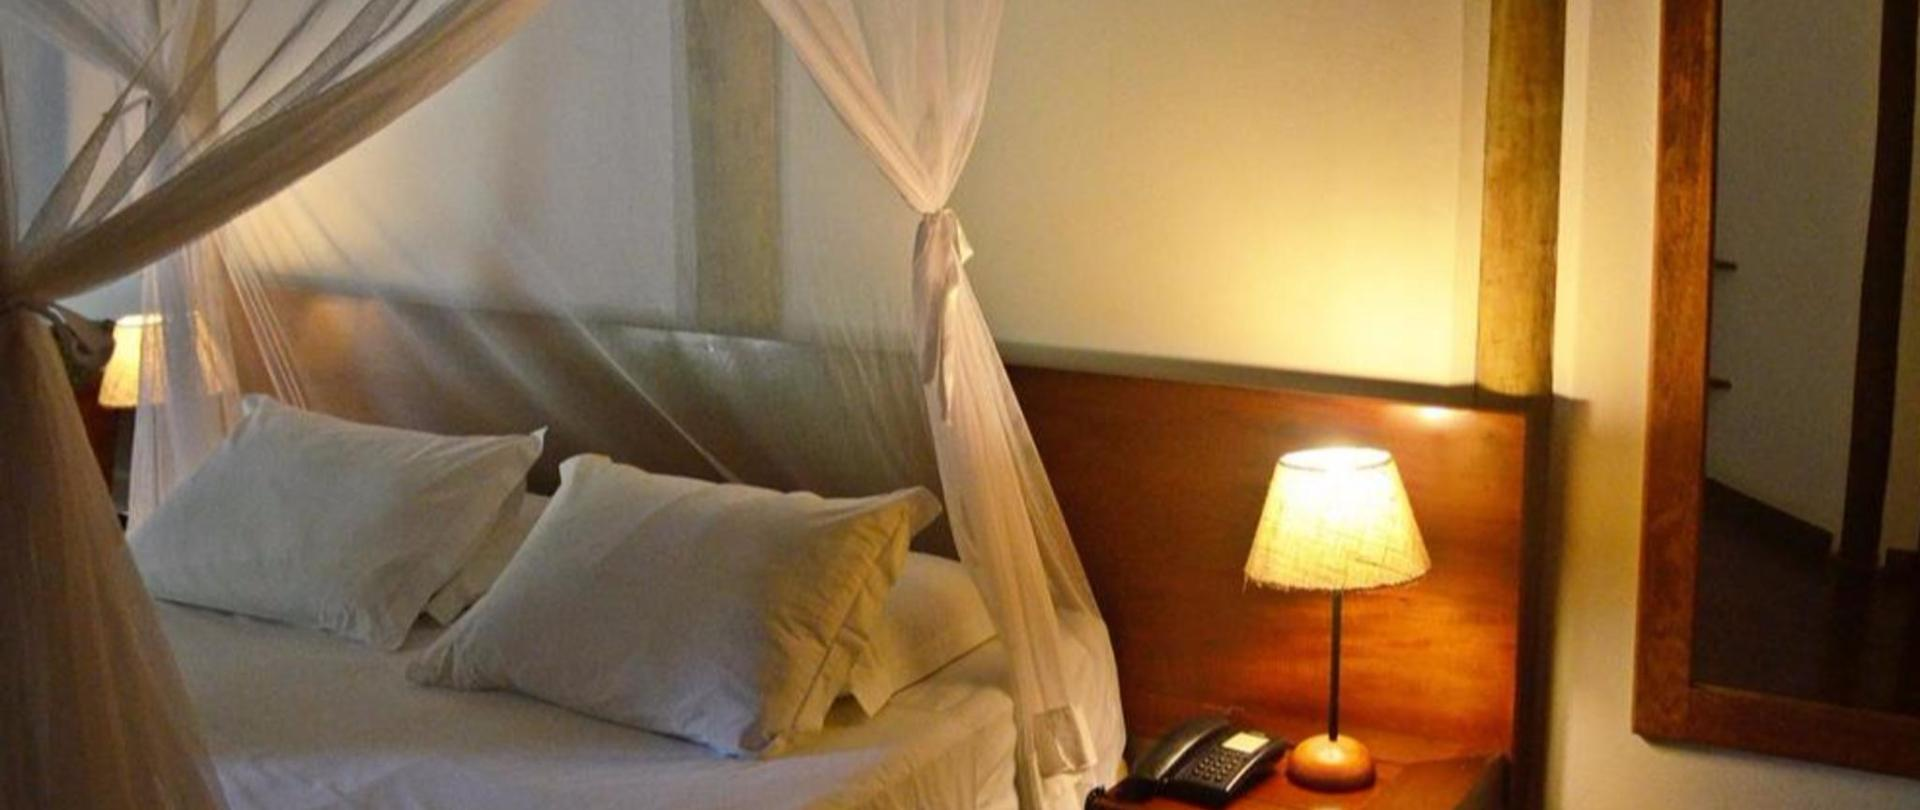 Anima Hotel, Morro de São Paulo, Bahia, Natureza, Praia Deserta3.jpg